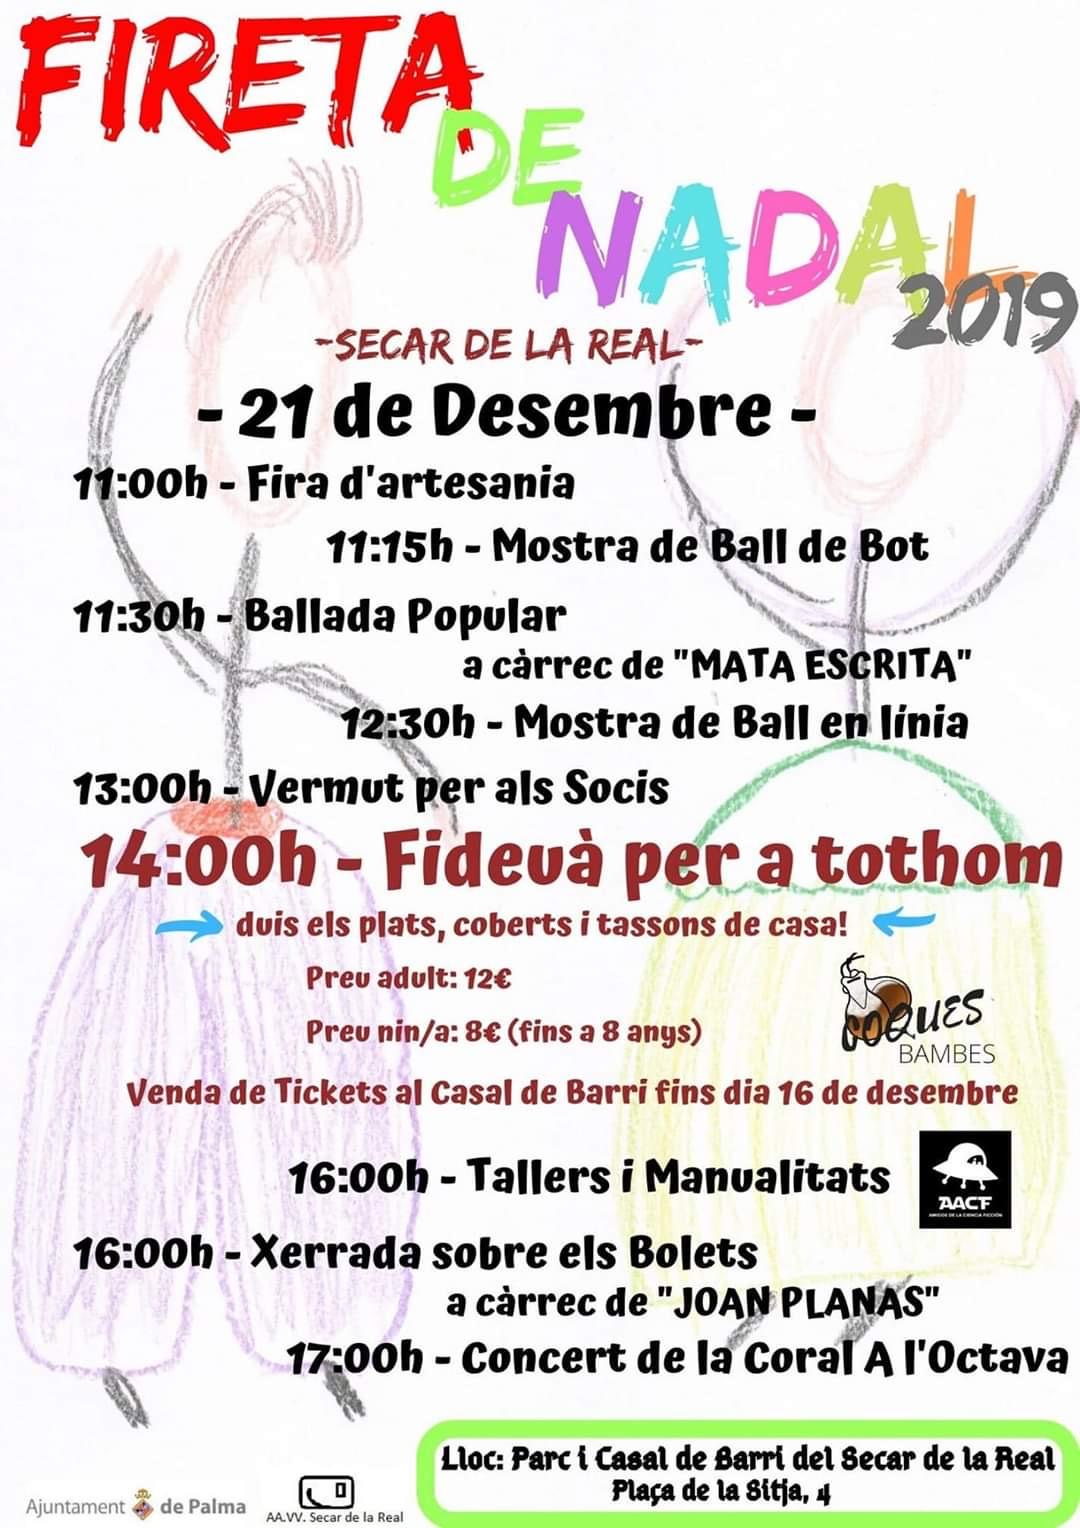 FIRETA DE NADAL 2019 (21/12) en Secar de la Real